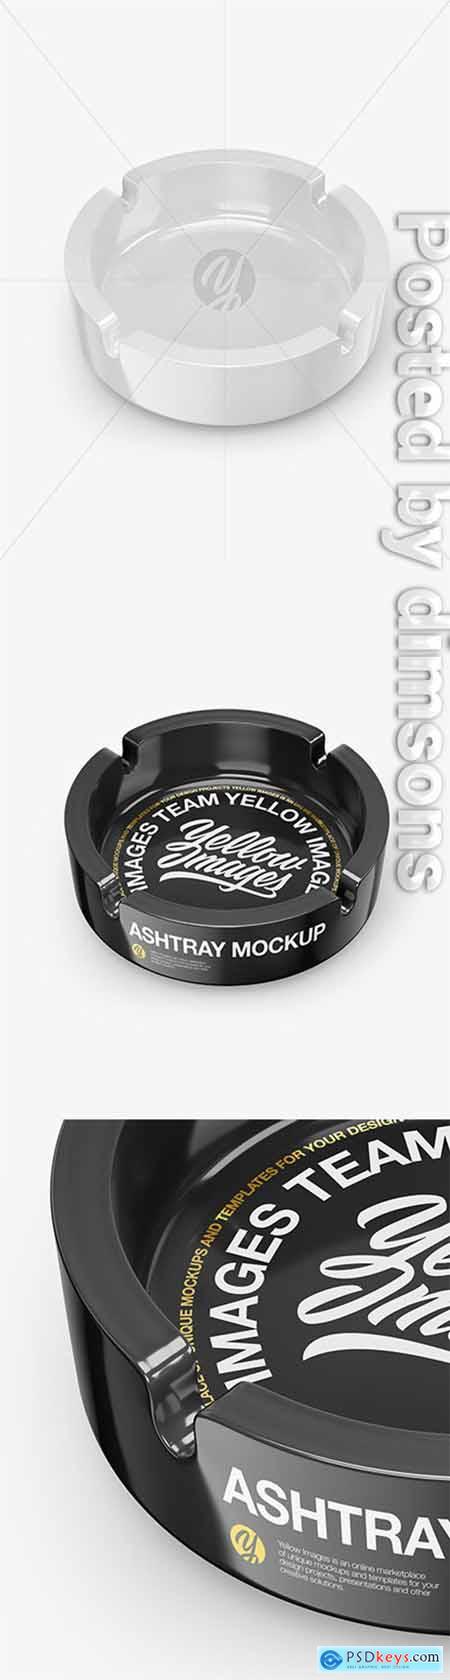 Glossy Ashtray Mockup 51322